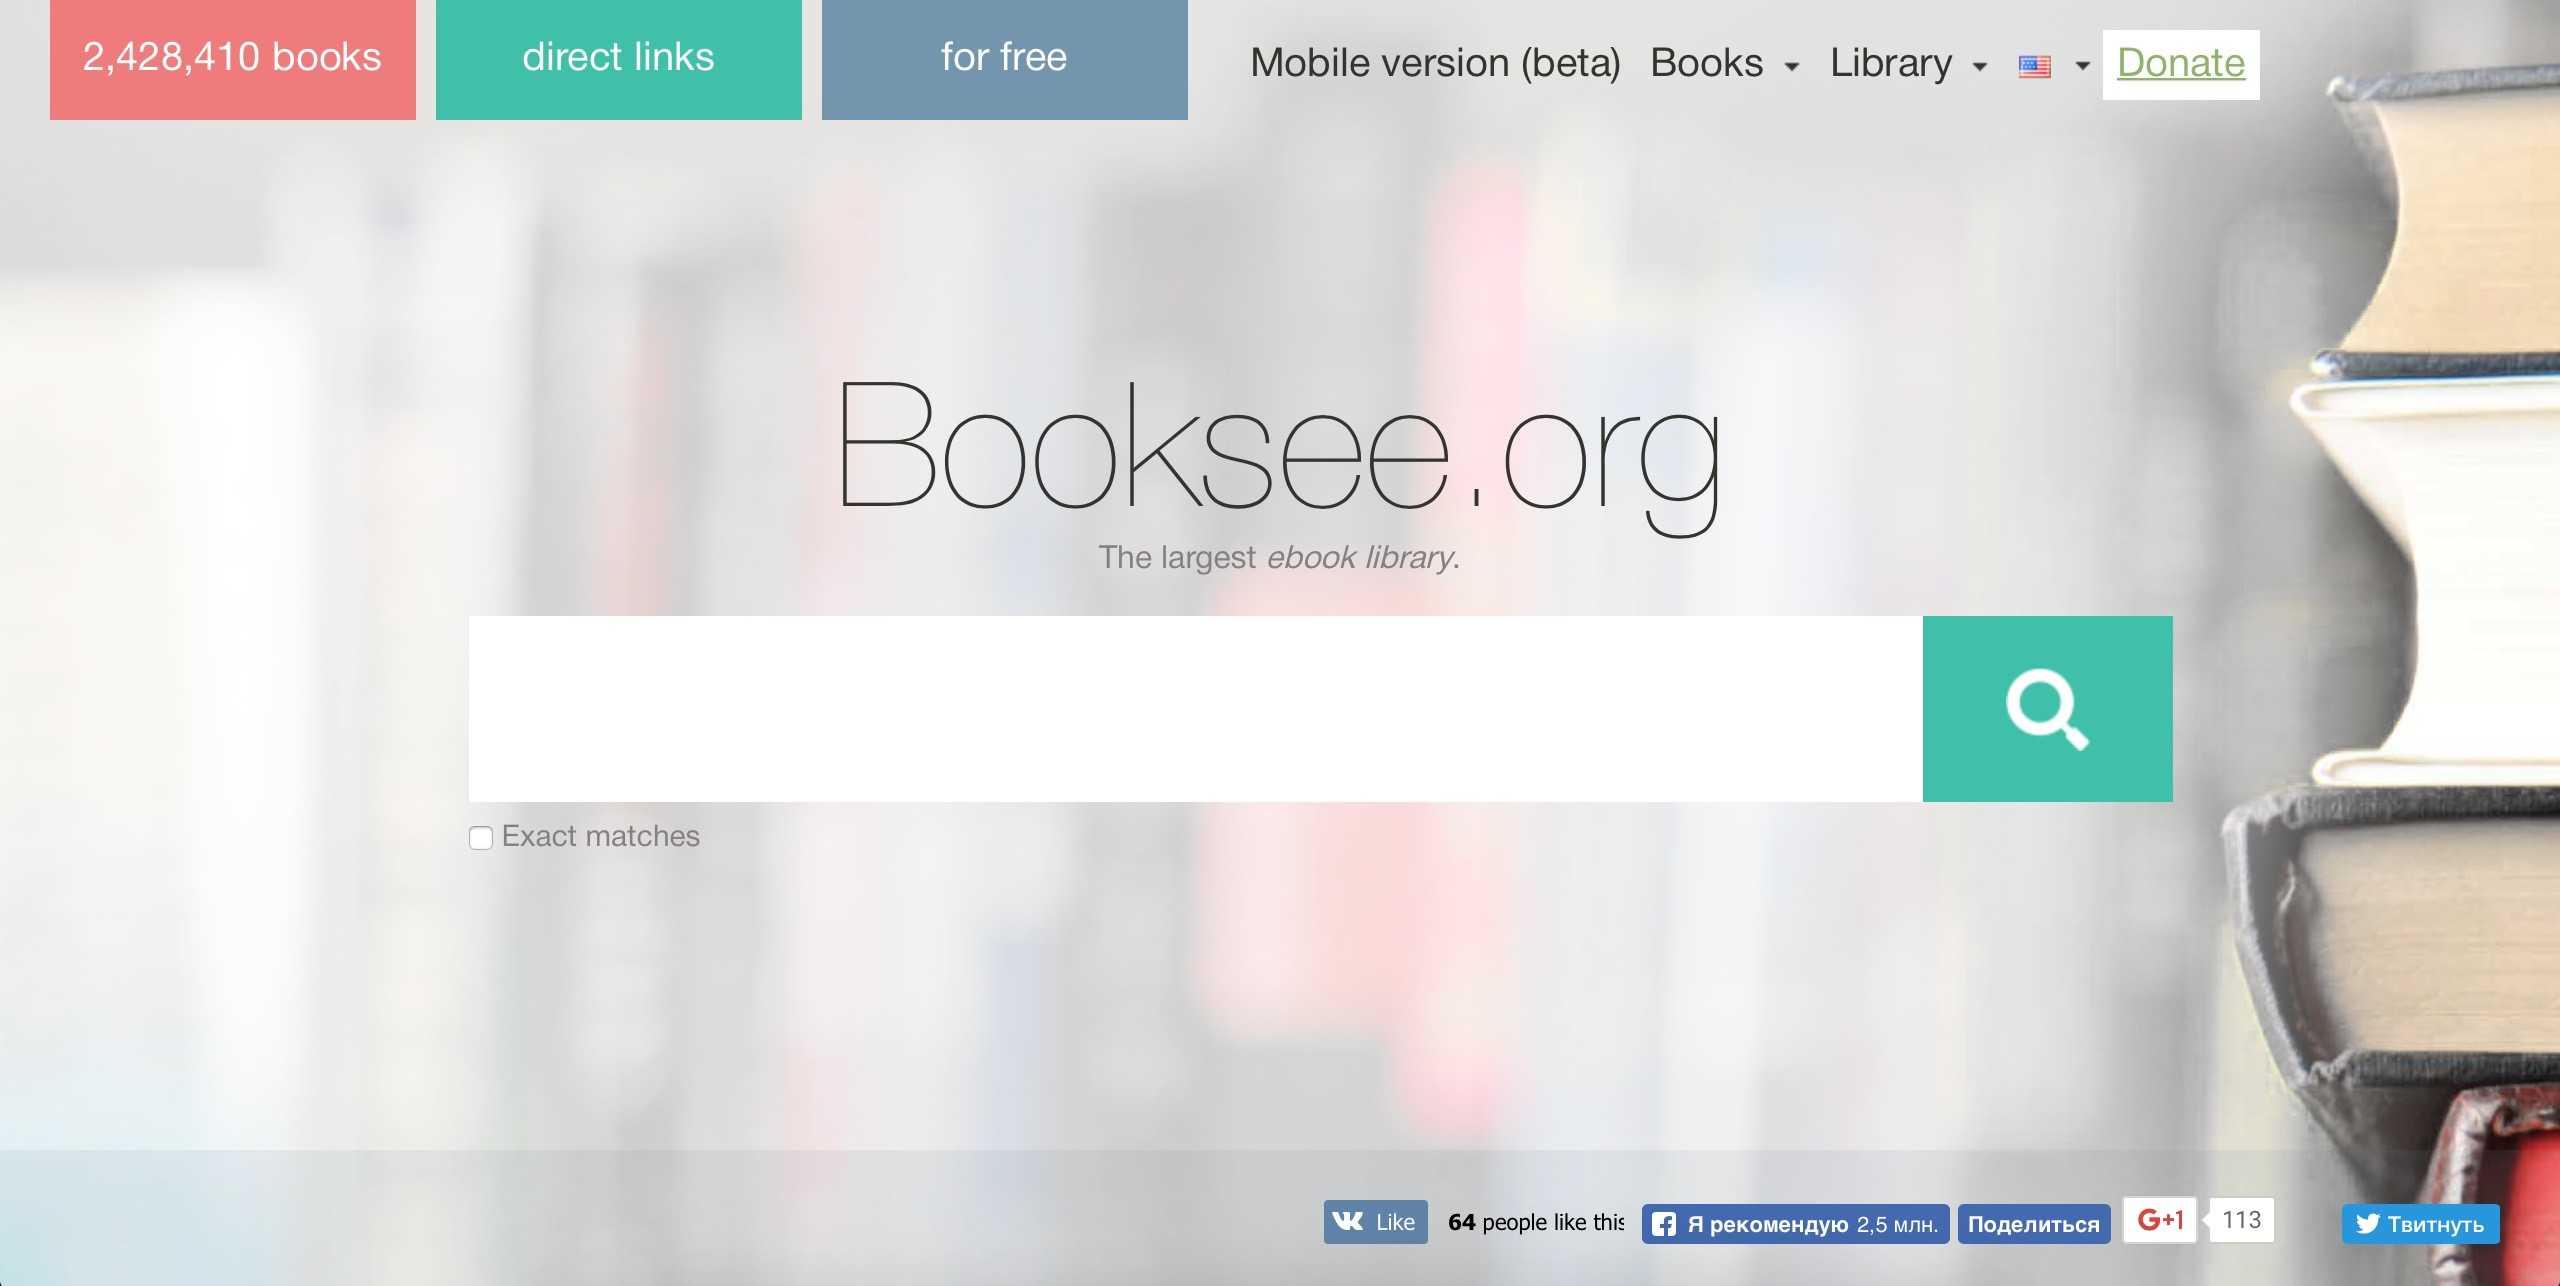 Scaricare ebook gratis i migliori siti di giugno 2018 per for Siti dove acquistare libri